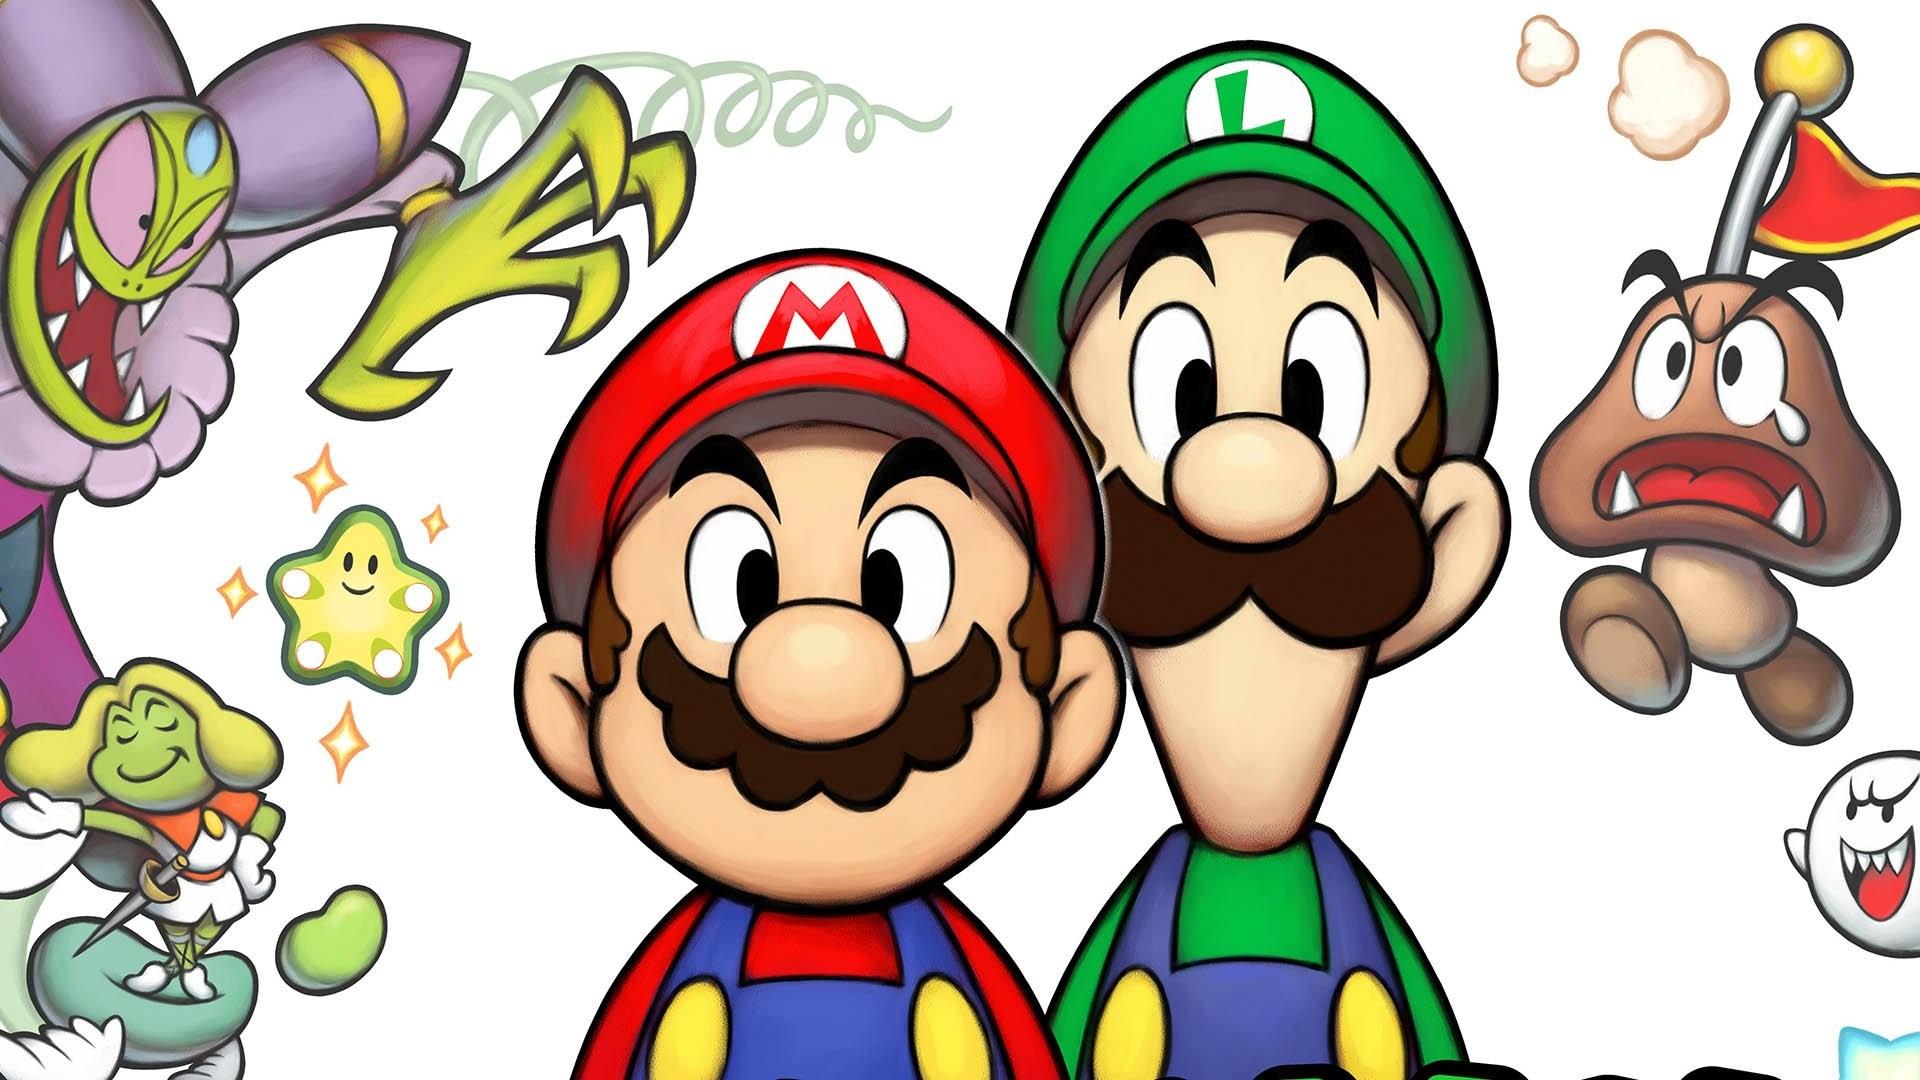 Mario and luigi backgrounds 54 pictures 1920x1200 1920x1200 super mario luigi wallpaper altavistaventures Gallery